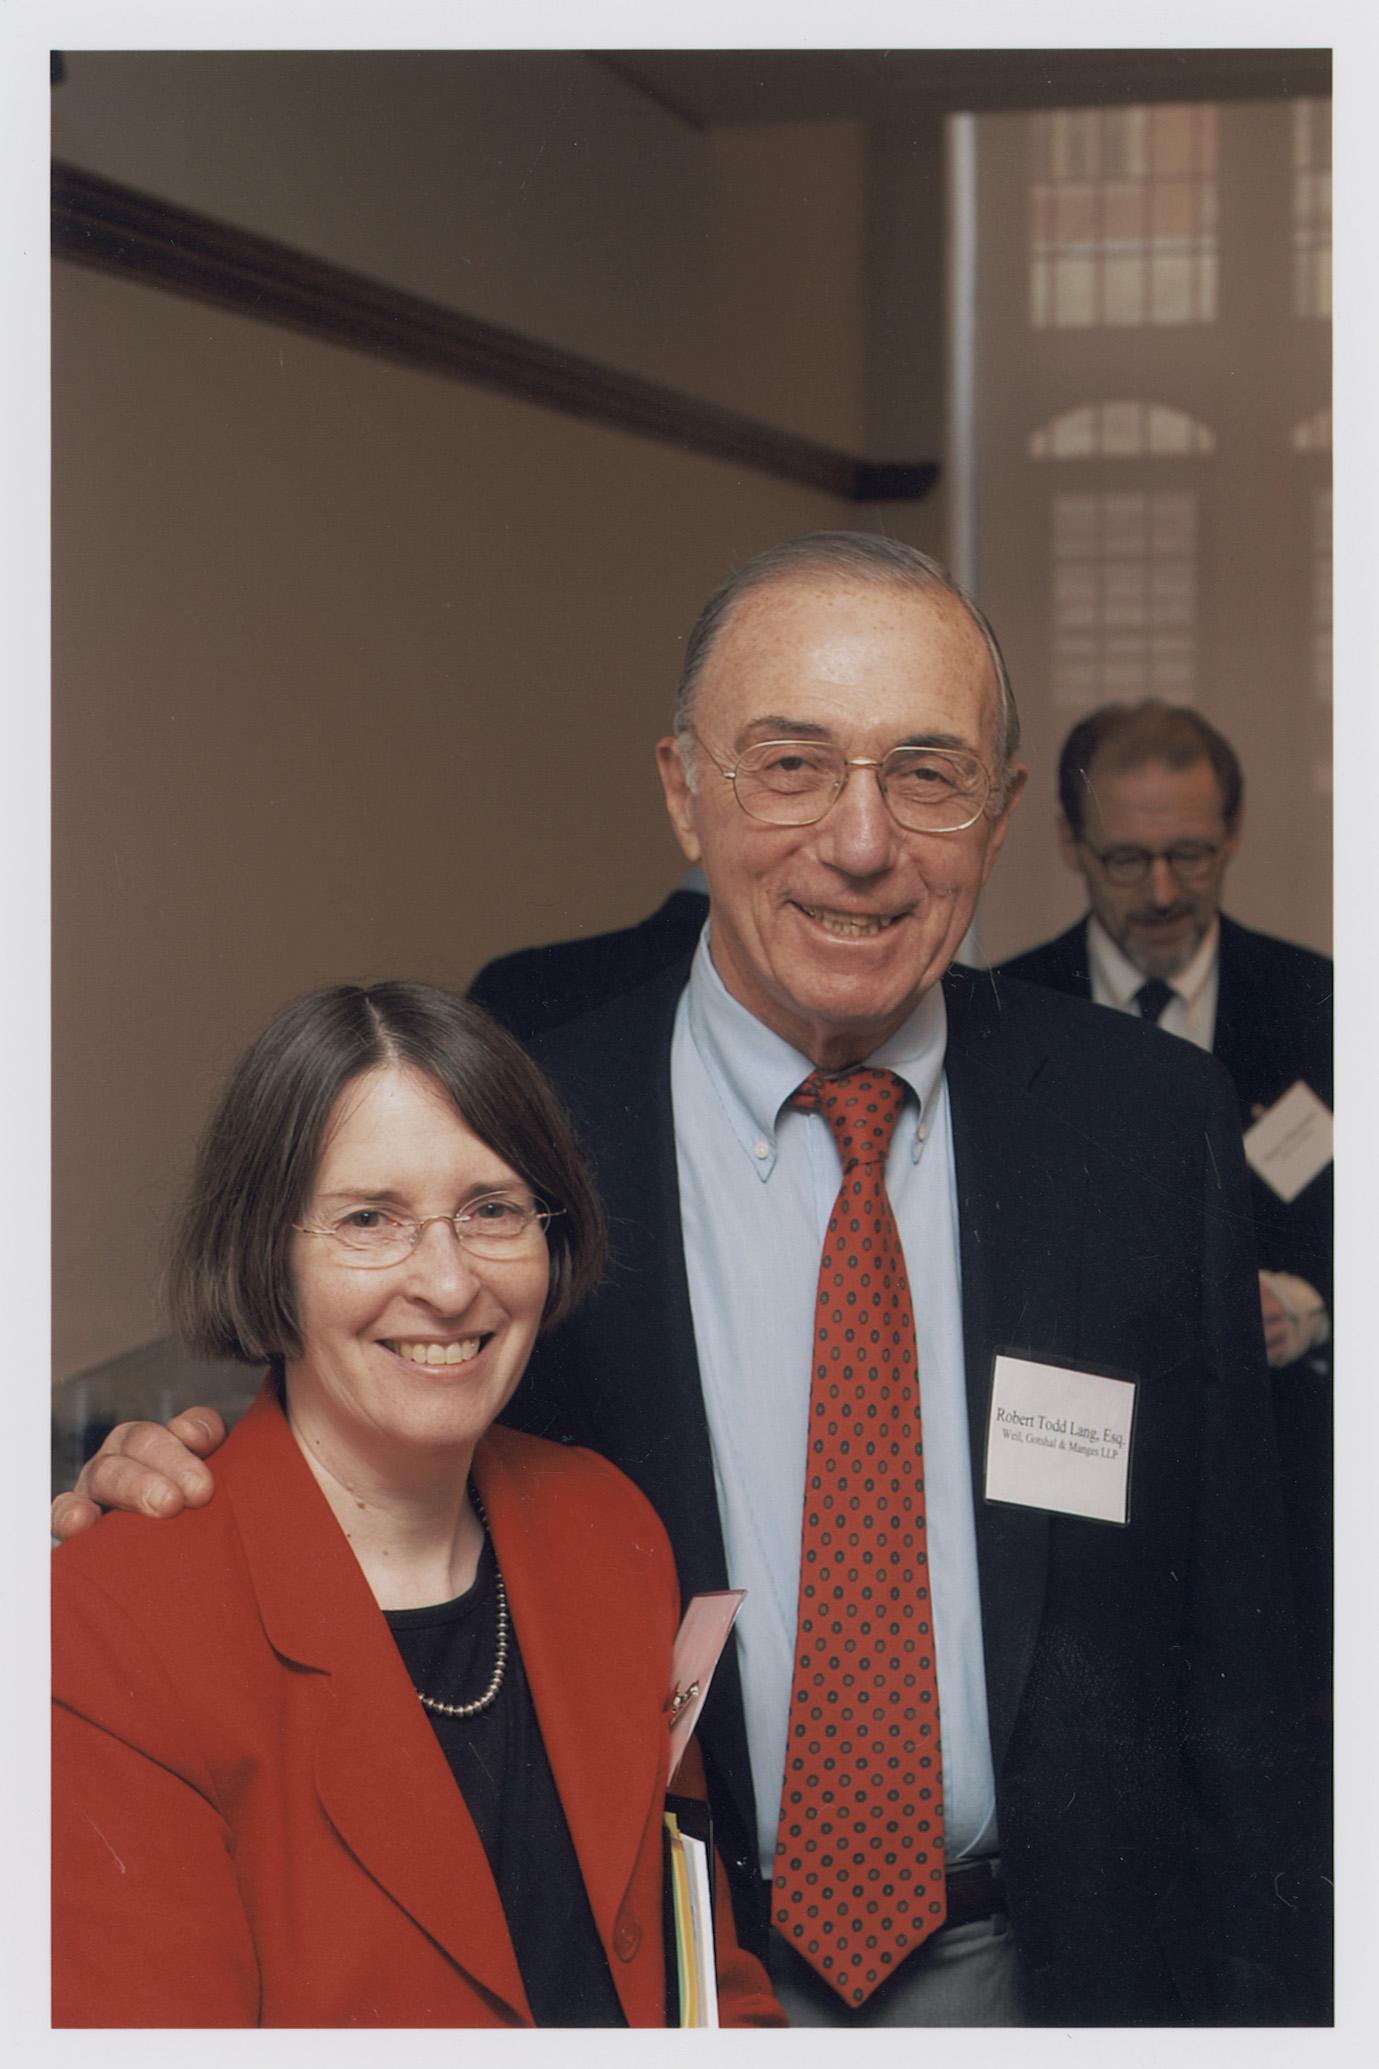 YLS Prof. and Center Dir. Roberta Romano '80 and Robert Todd Lang '47